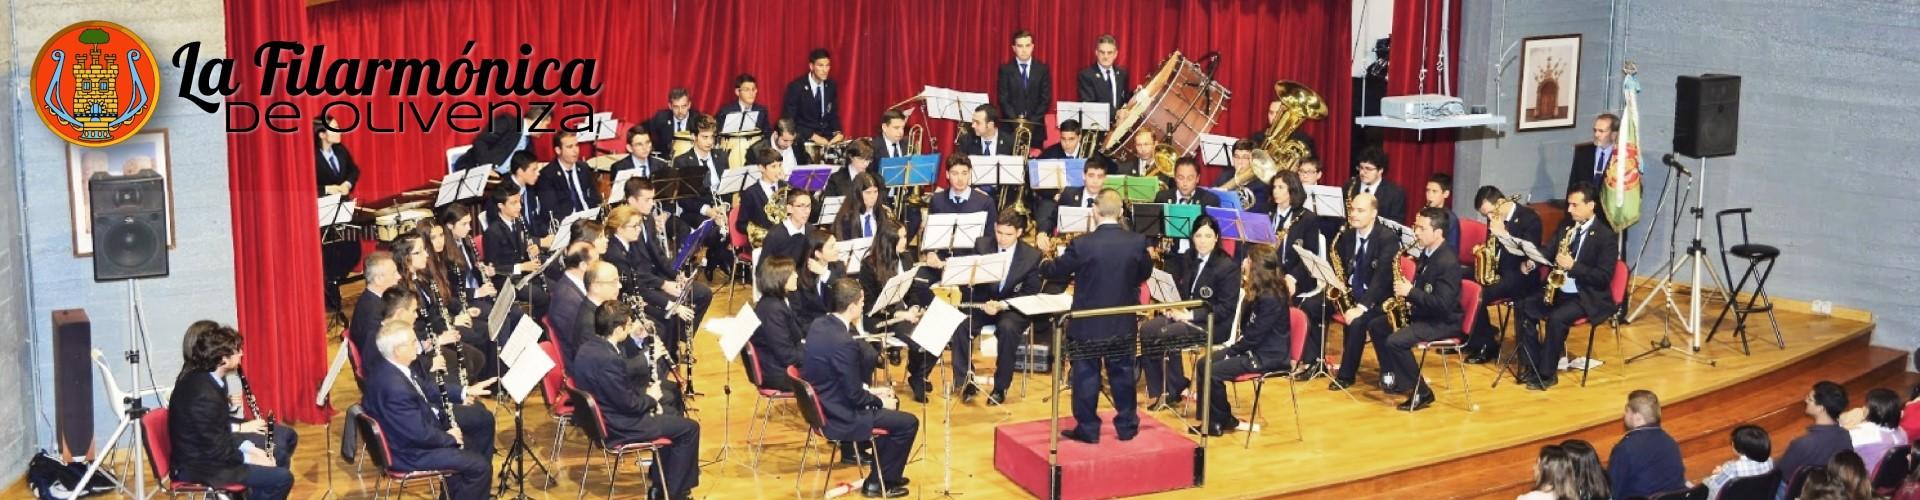 La Filarmónica de Olivenza vuelve a uno de los eventos más importantes de la temporada